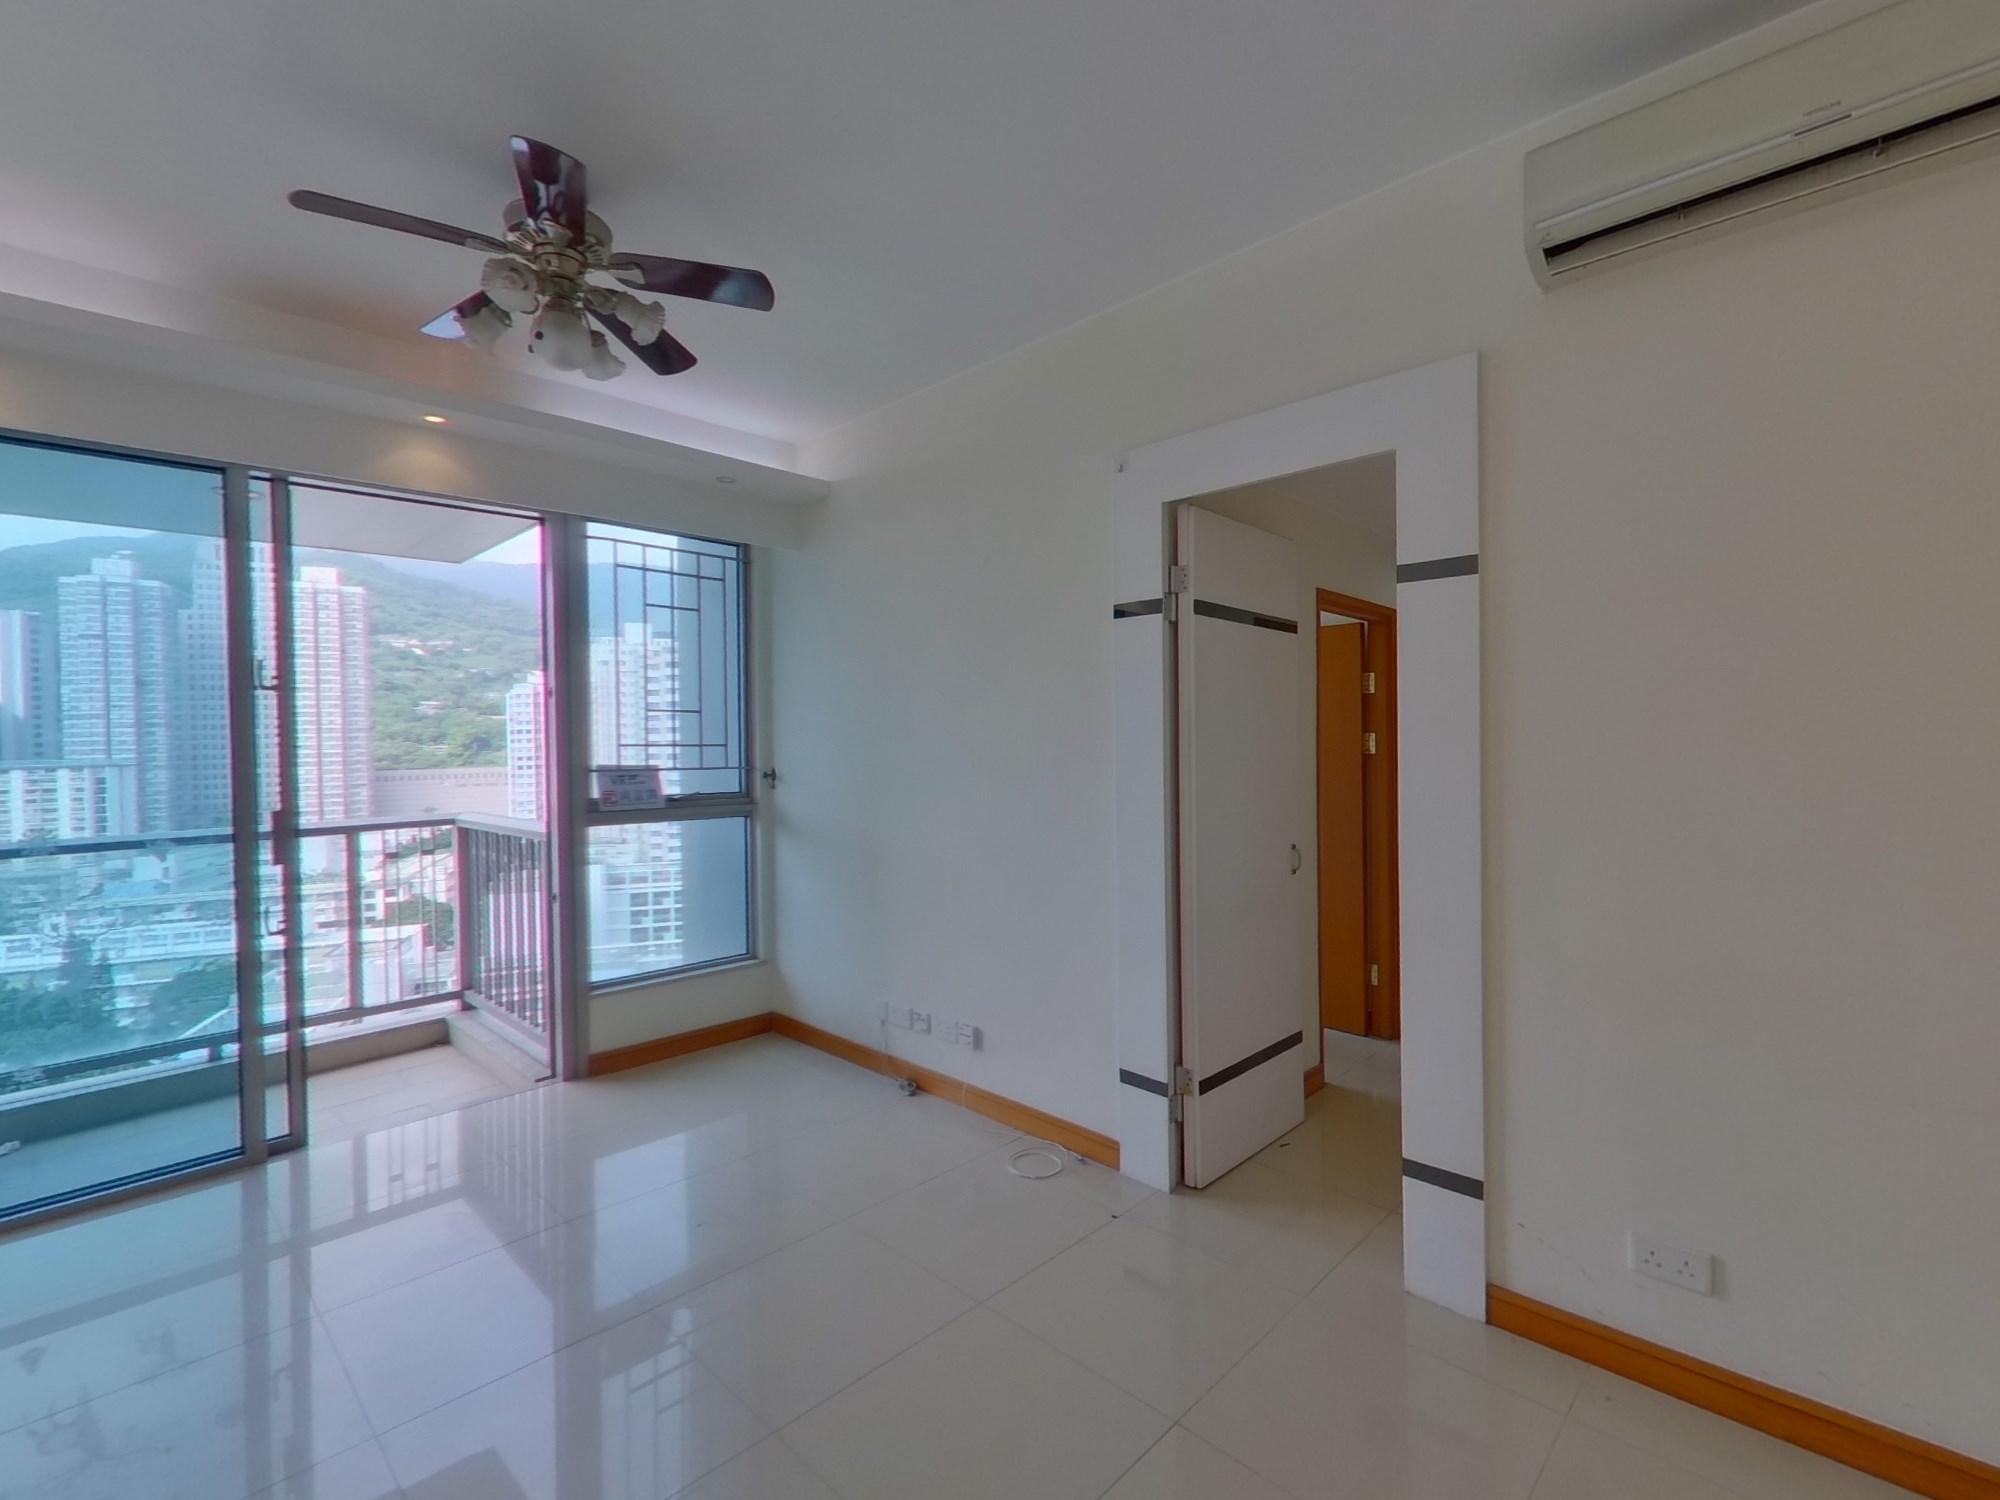 荃灣西 萬景峰 中層 House730-4623676